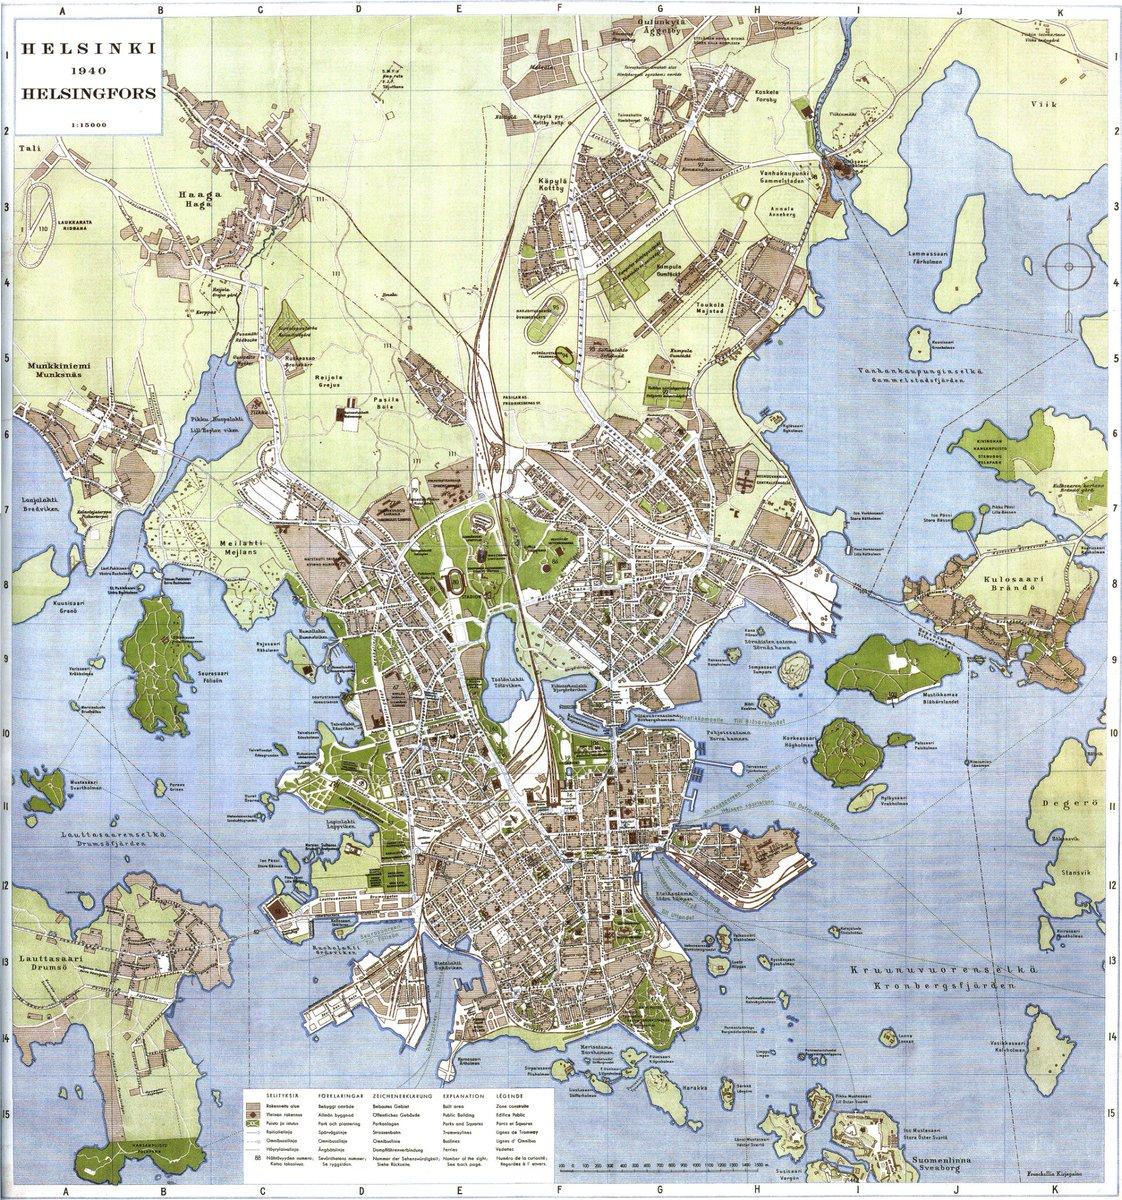 Topi Tjukanov On Twitter Yesterday Came Across Old Travel Maps